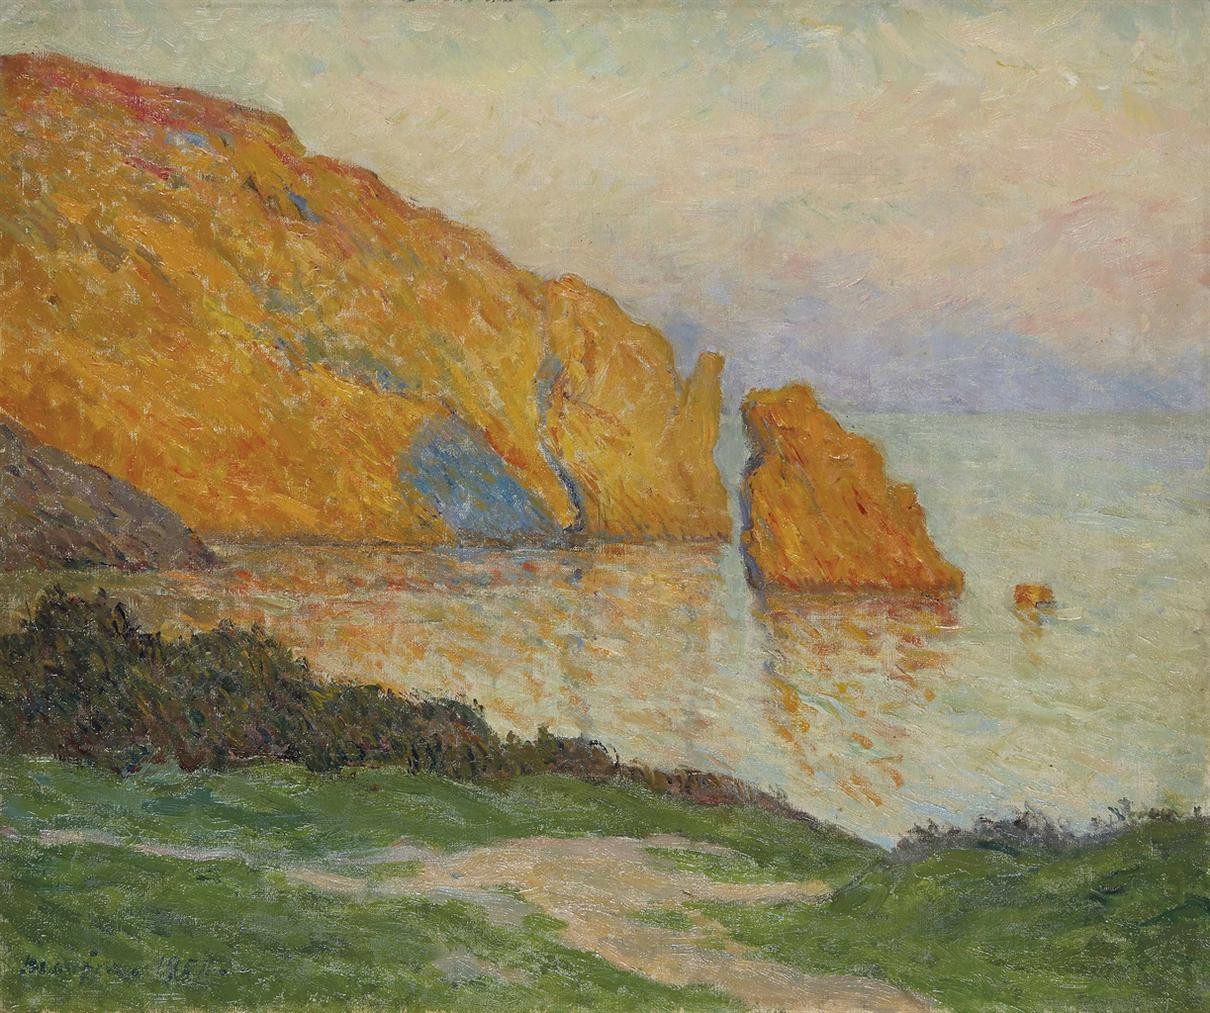 Maxime Maufra-Dernieres Lueurs Du Jours-Morgat-1900